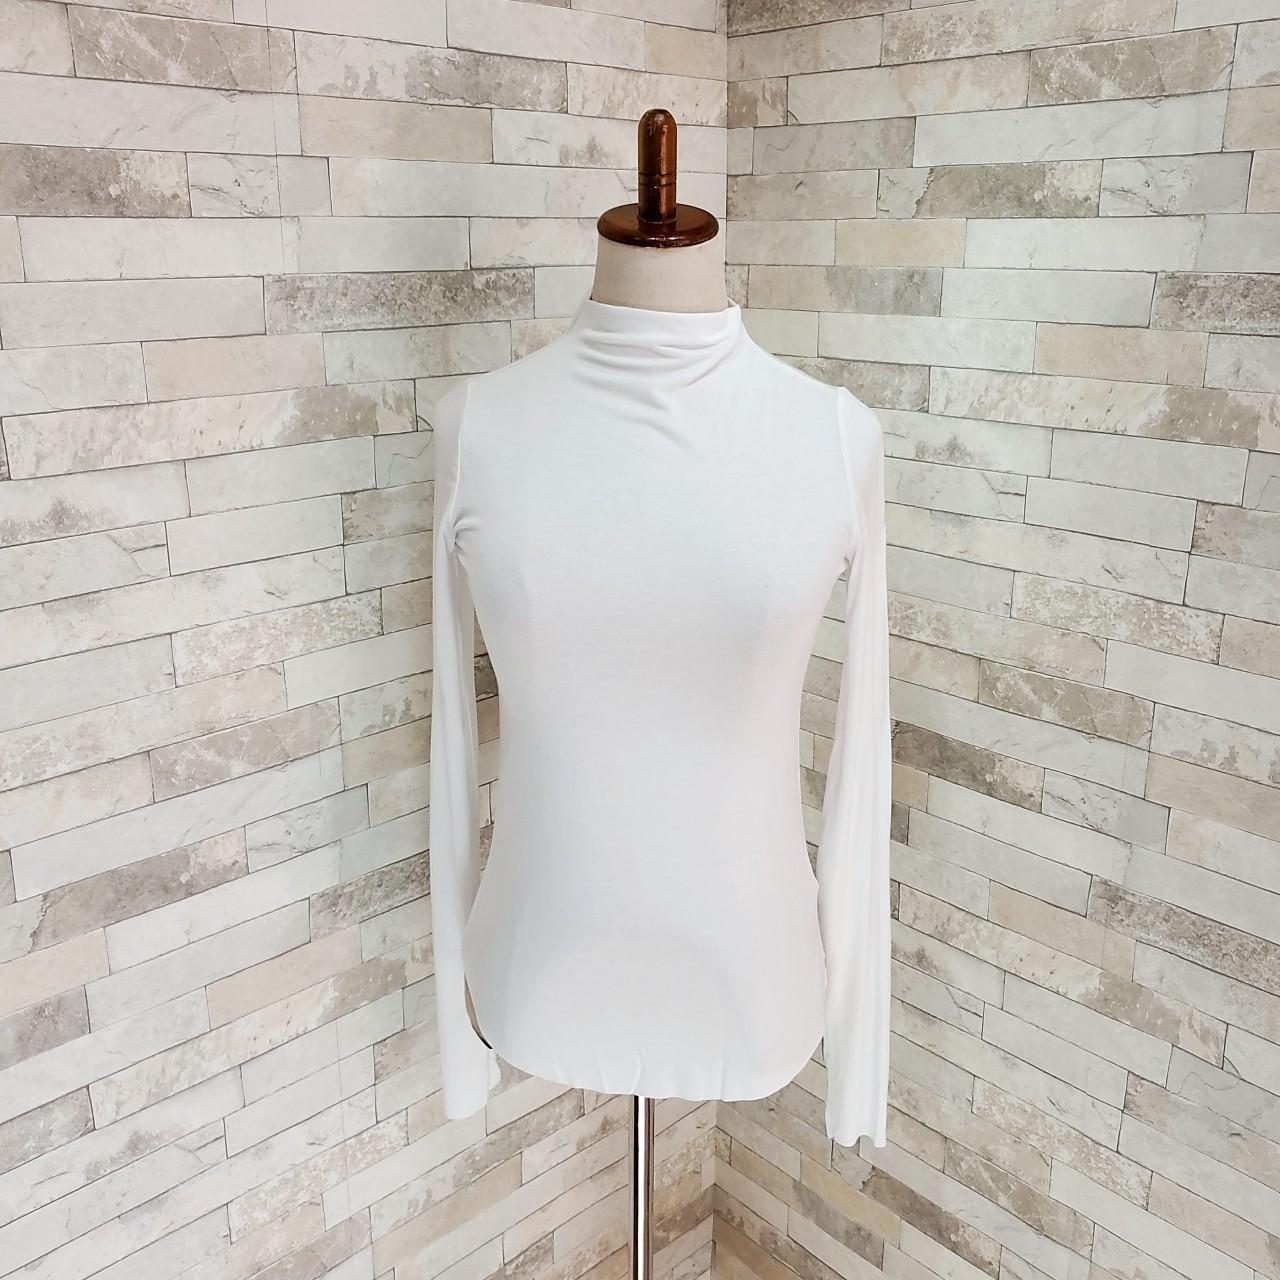 【即納】韓国 ファッション トップス Tシャツ カットソー 秋 冬 カジュアル SPTXD048  ボトルネック ハイネック ロンT ベーシック タイト ジャケッ オルチャン シンプル 定番 セレカジの写真19枚目